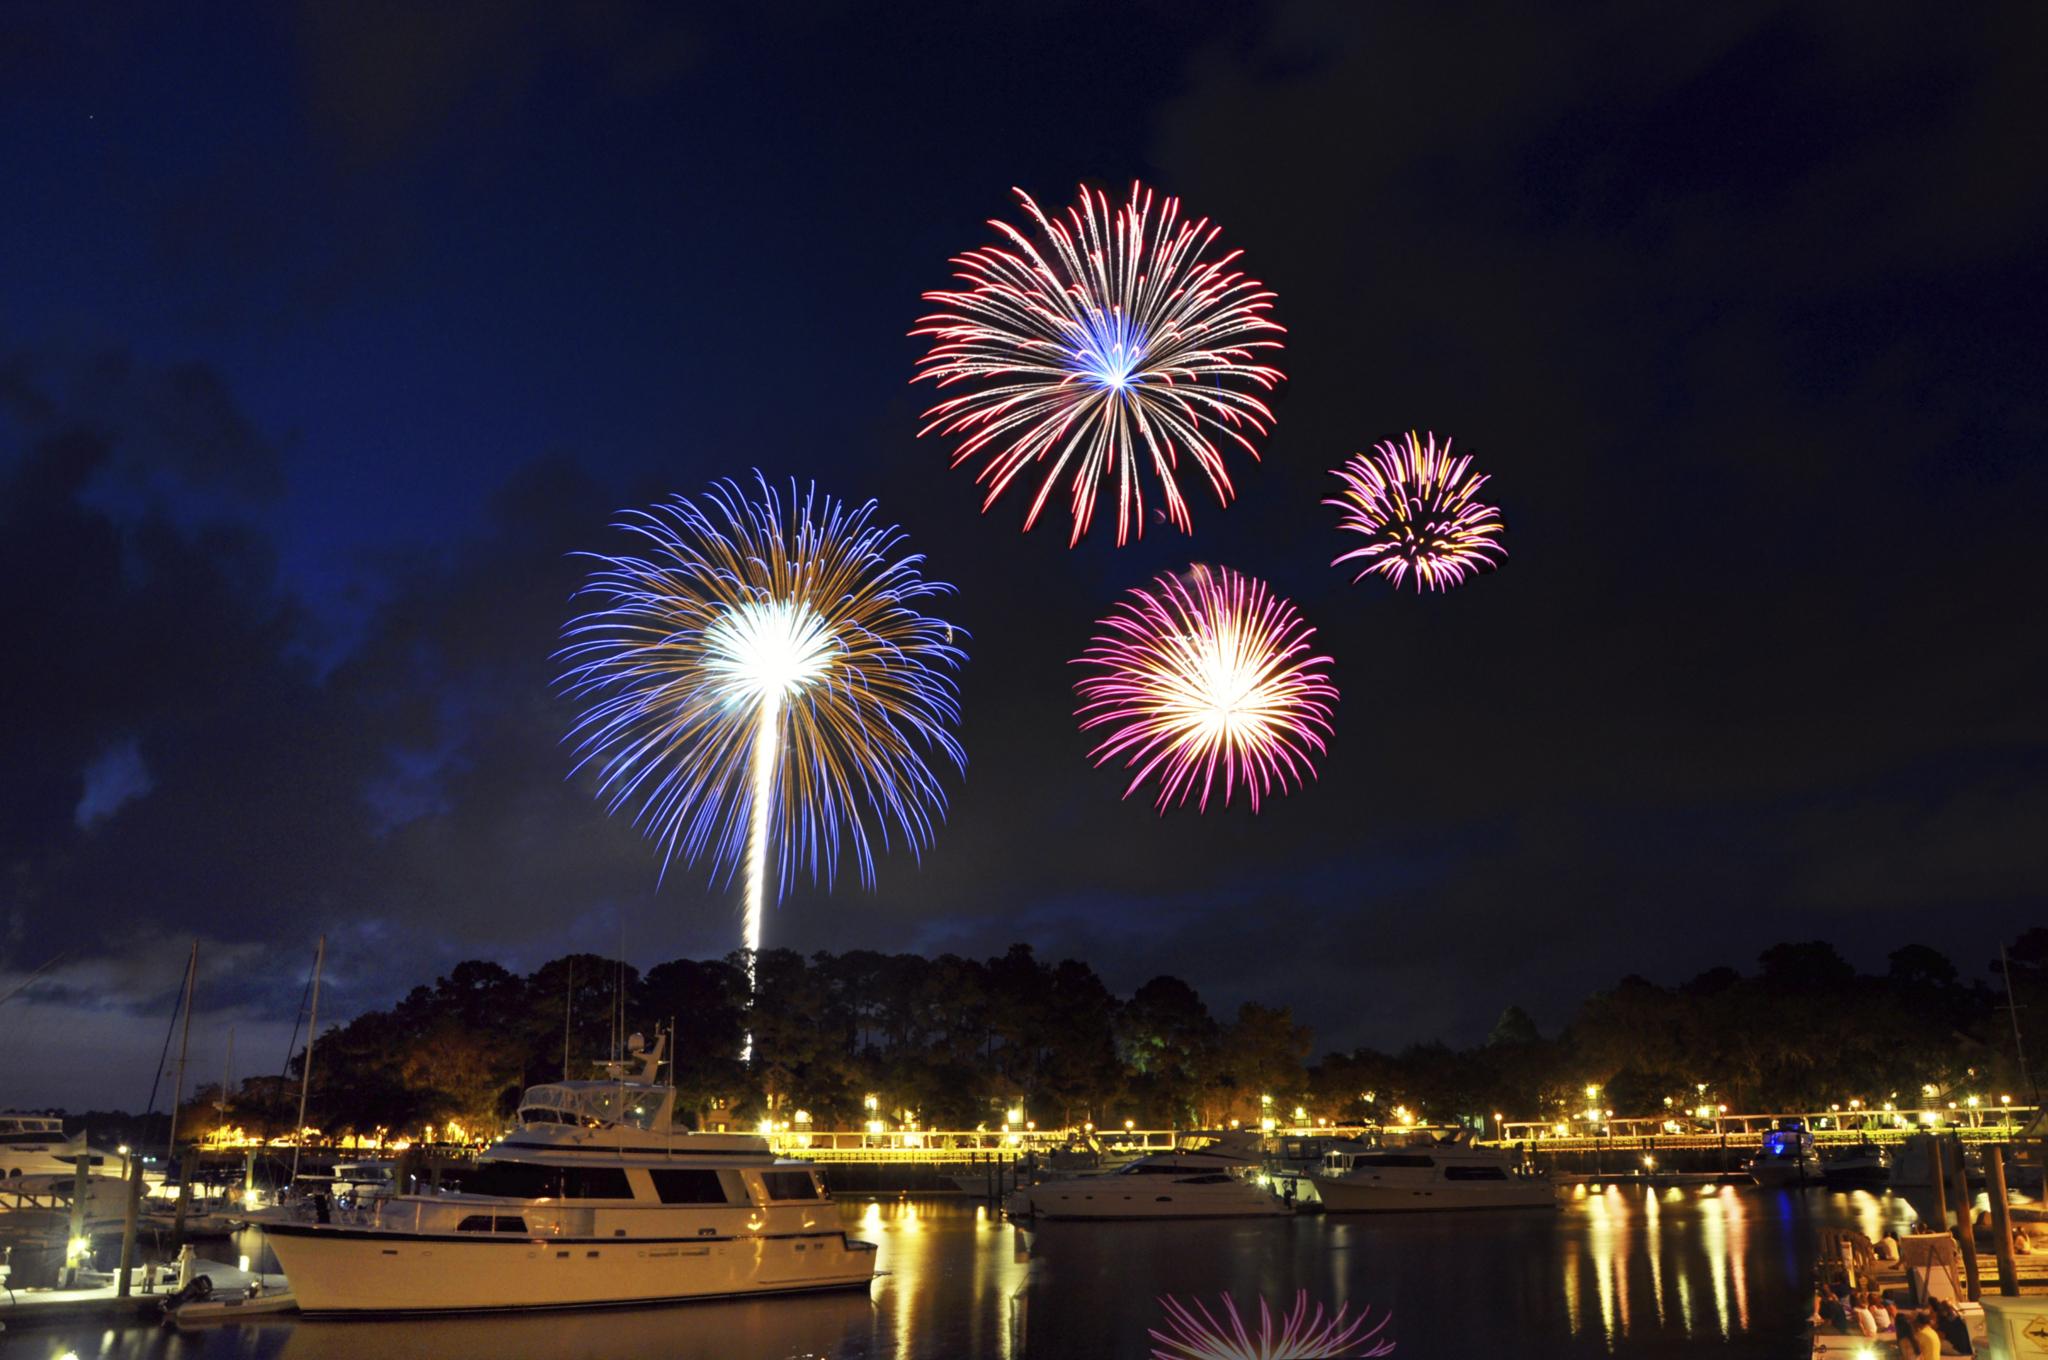 shelter cove harbourfest fireworks